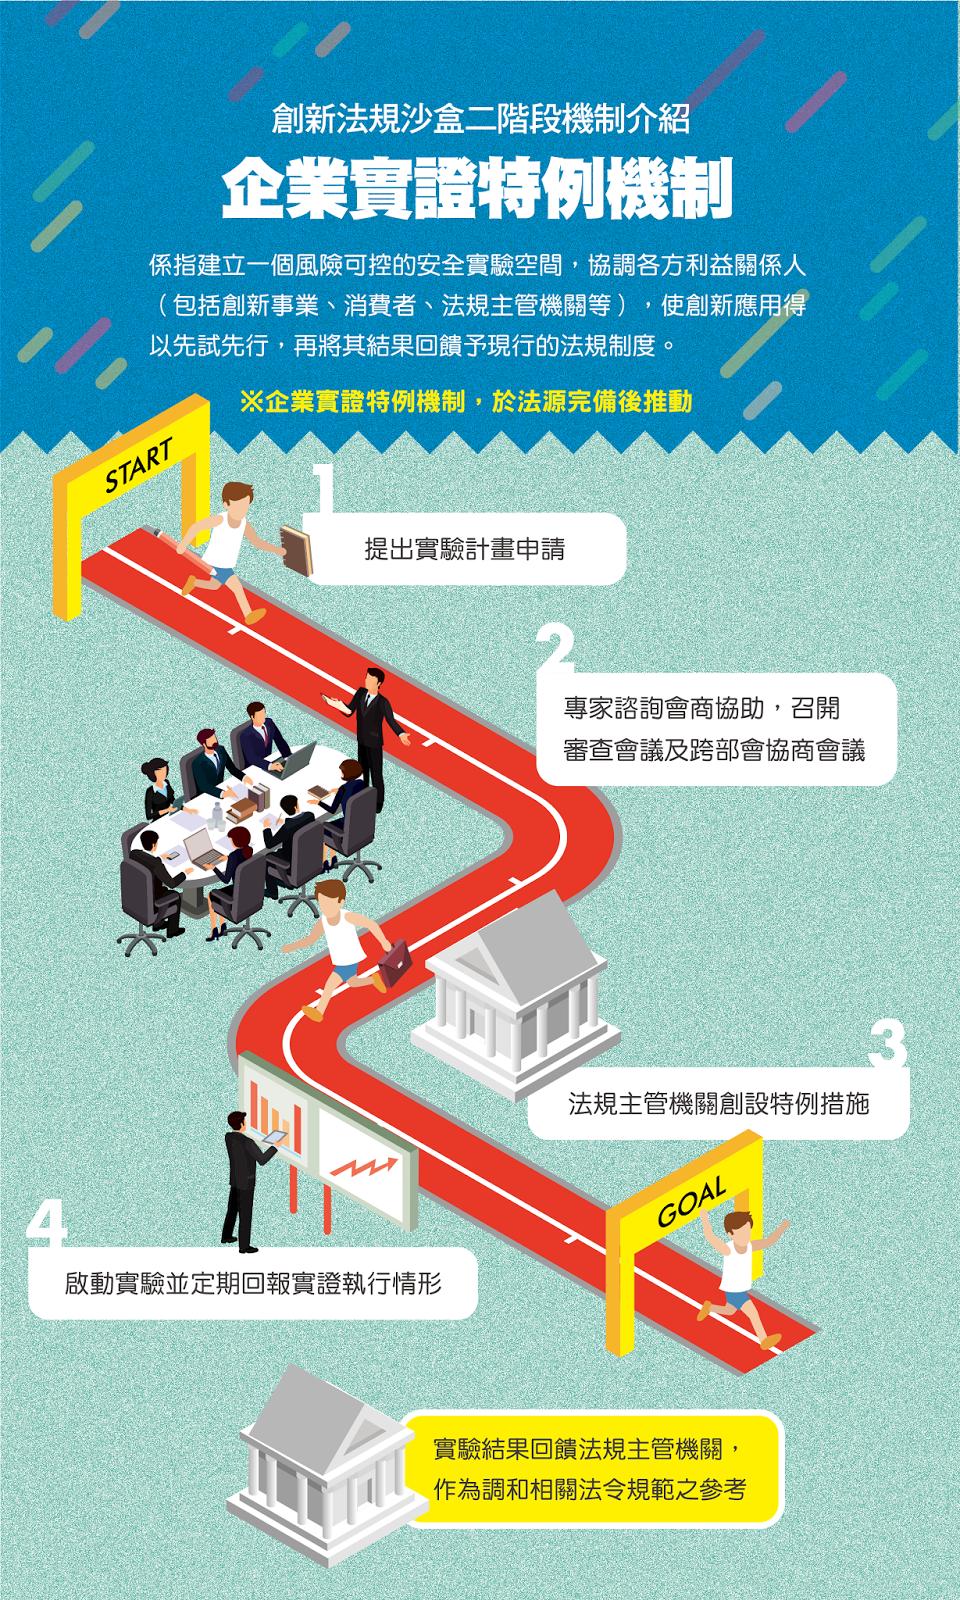 創新法規沙盒二階段機制介紹-企業實證特例機制